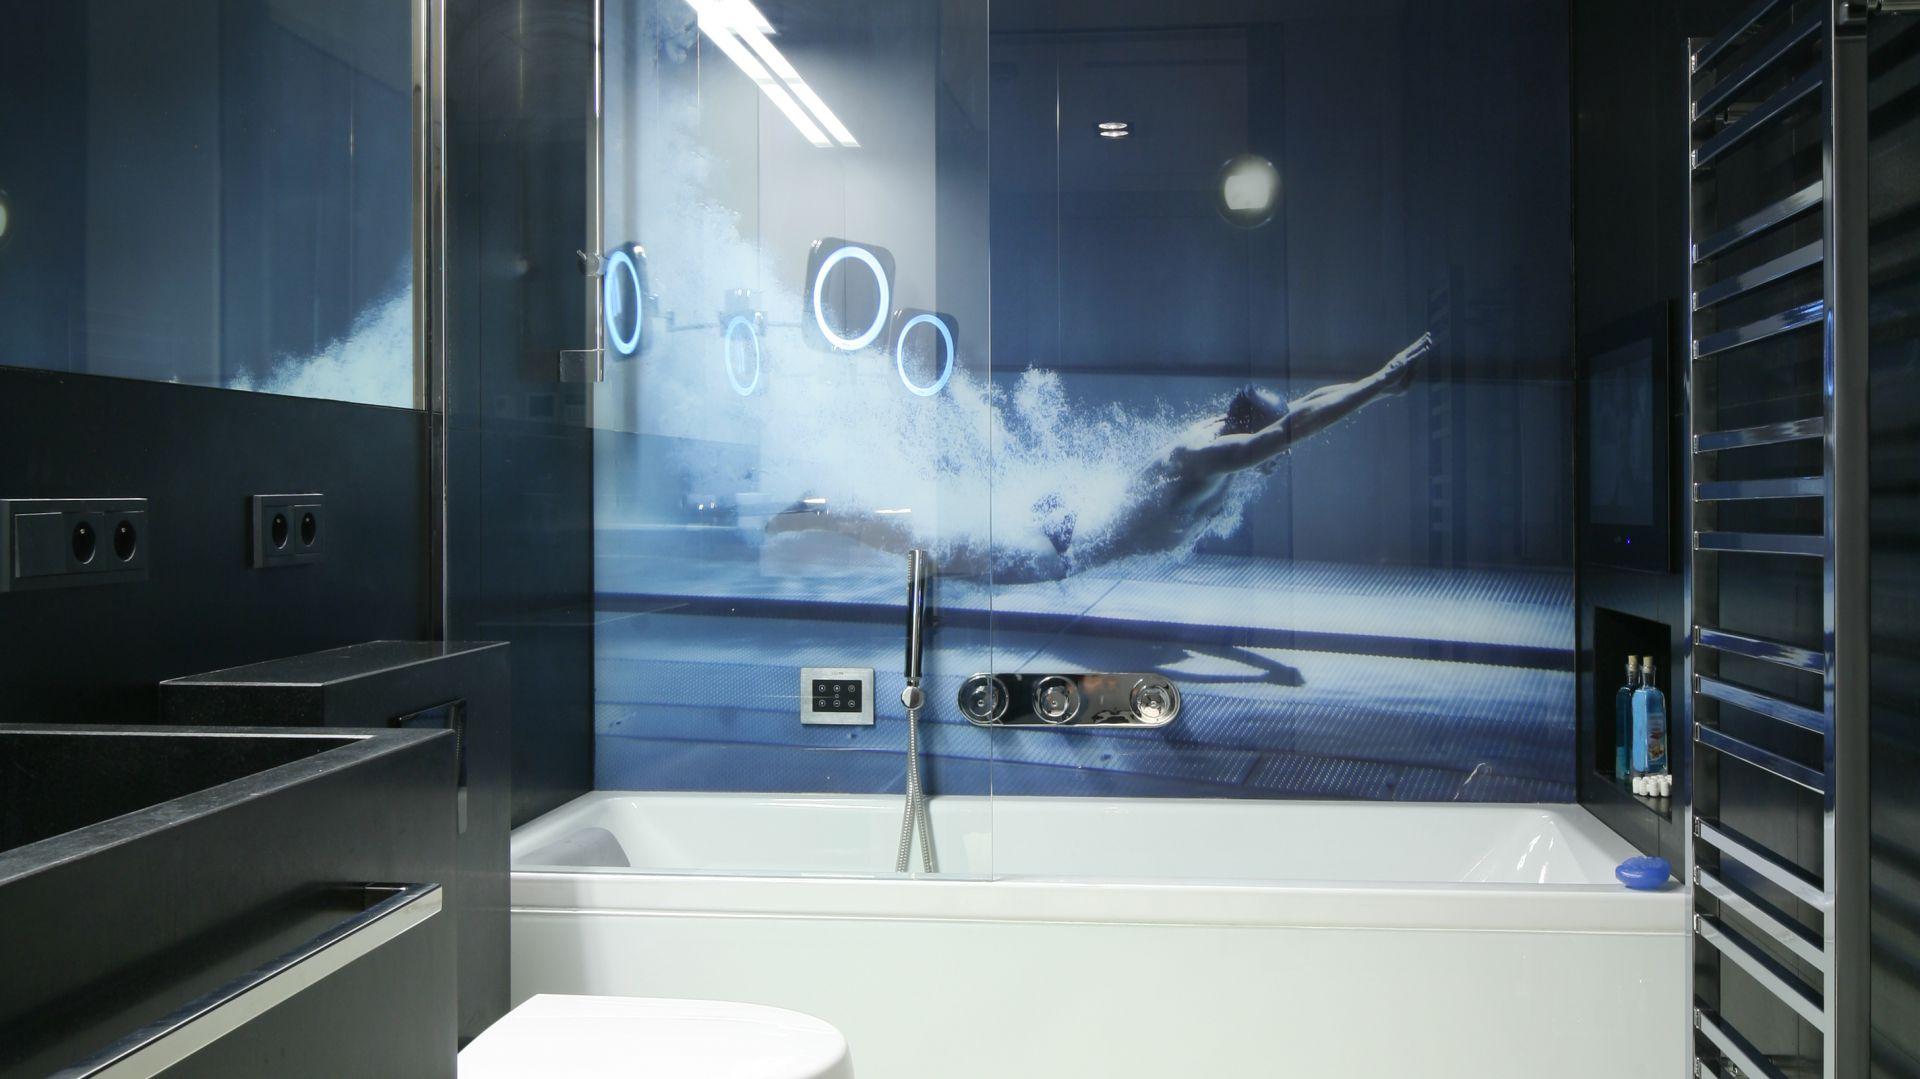 łazienka Z Morskim Motywem Wnętrza Z Polskich Domów